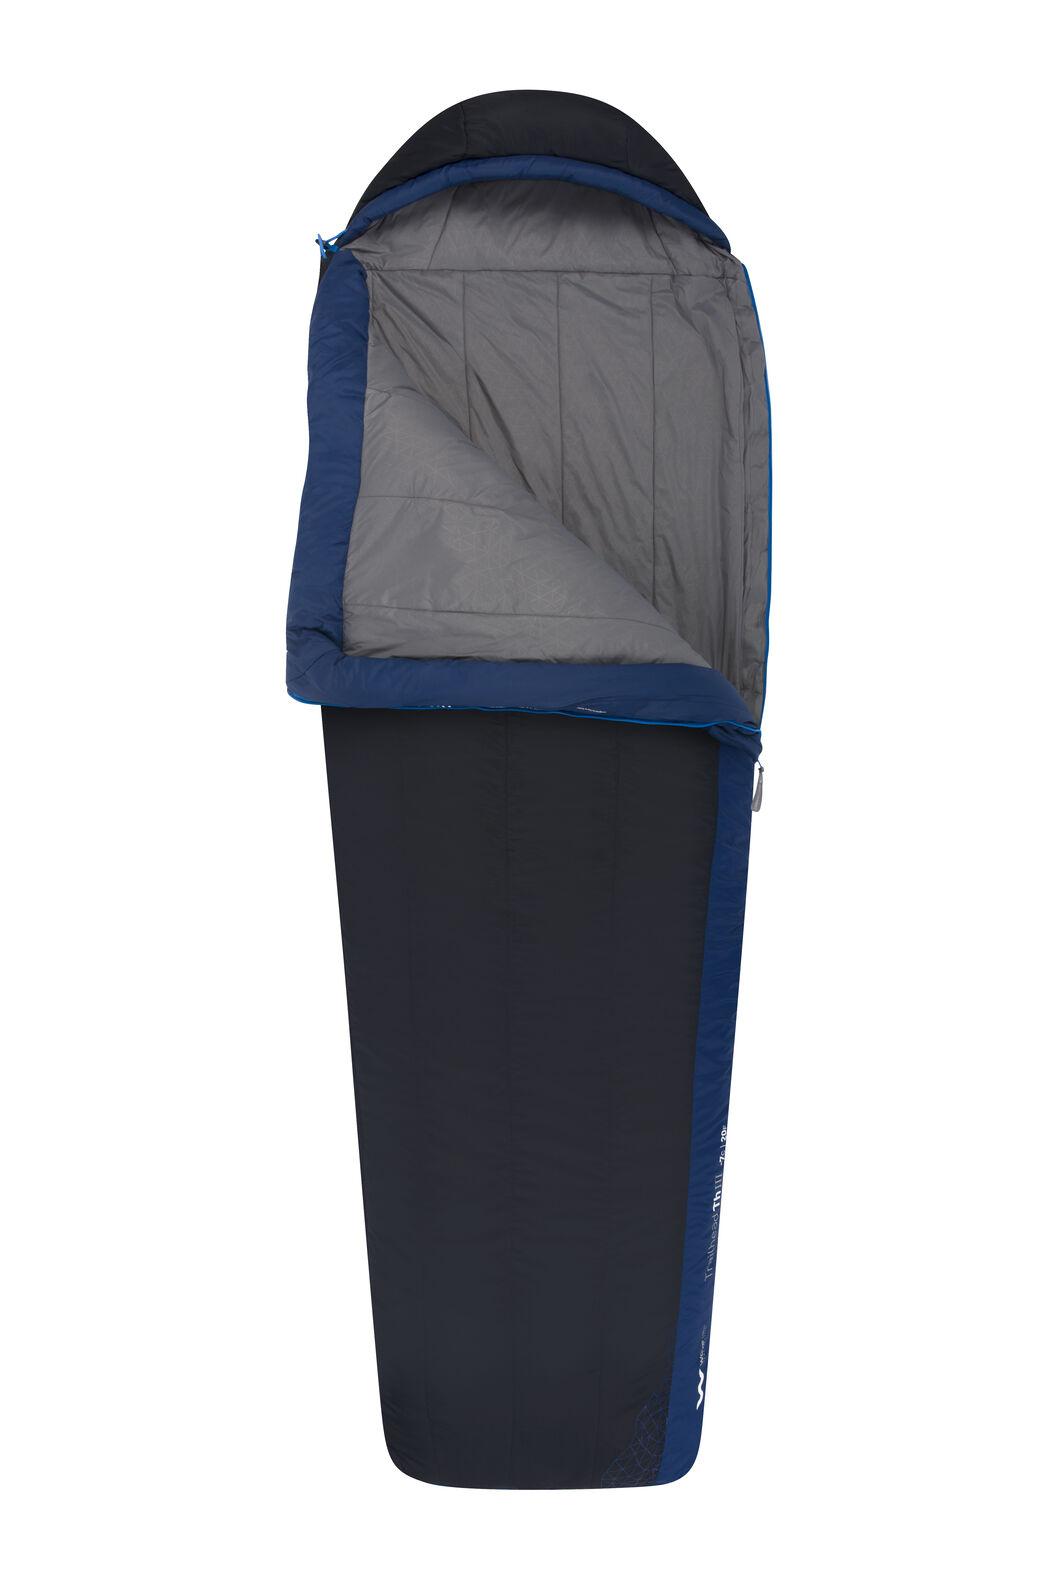 Sea to Summit Trailhead III Sleeping Bag - Regular, Dark Blue, hi-res